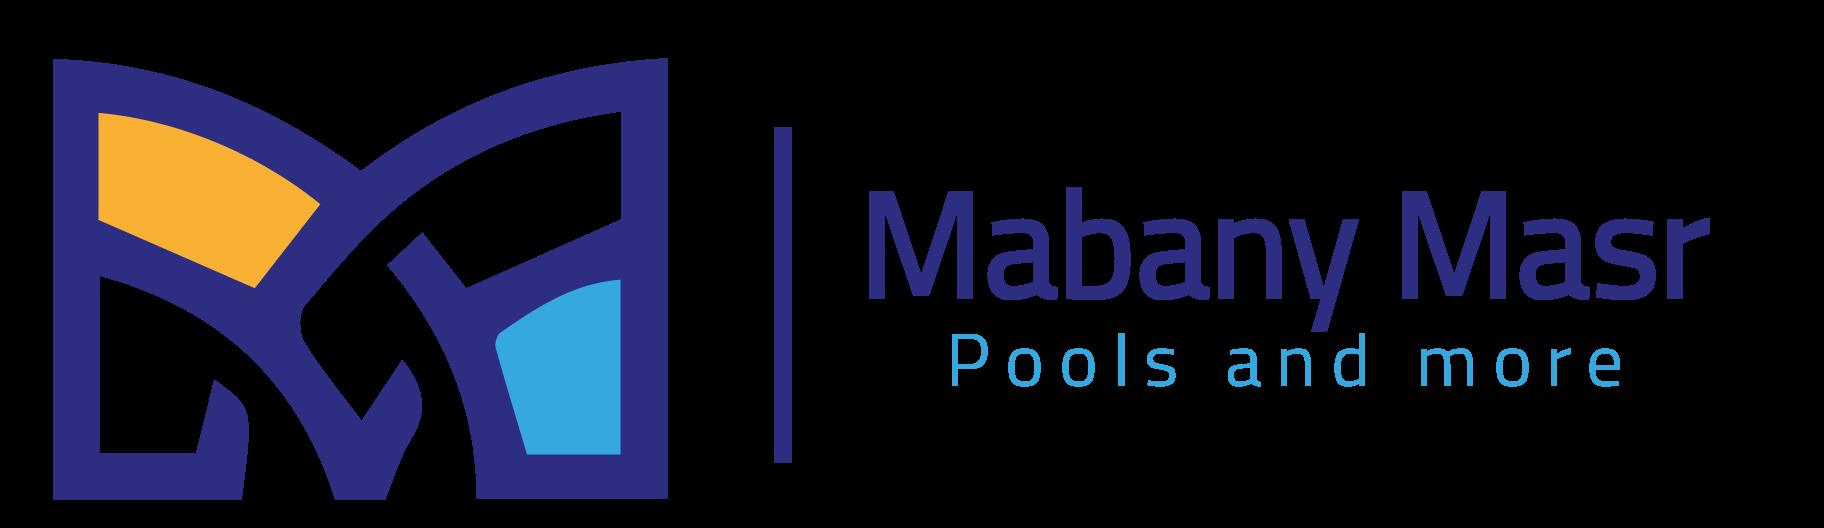 MabanyMasr